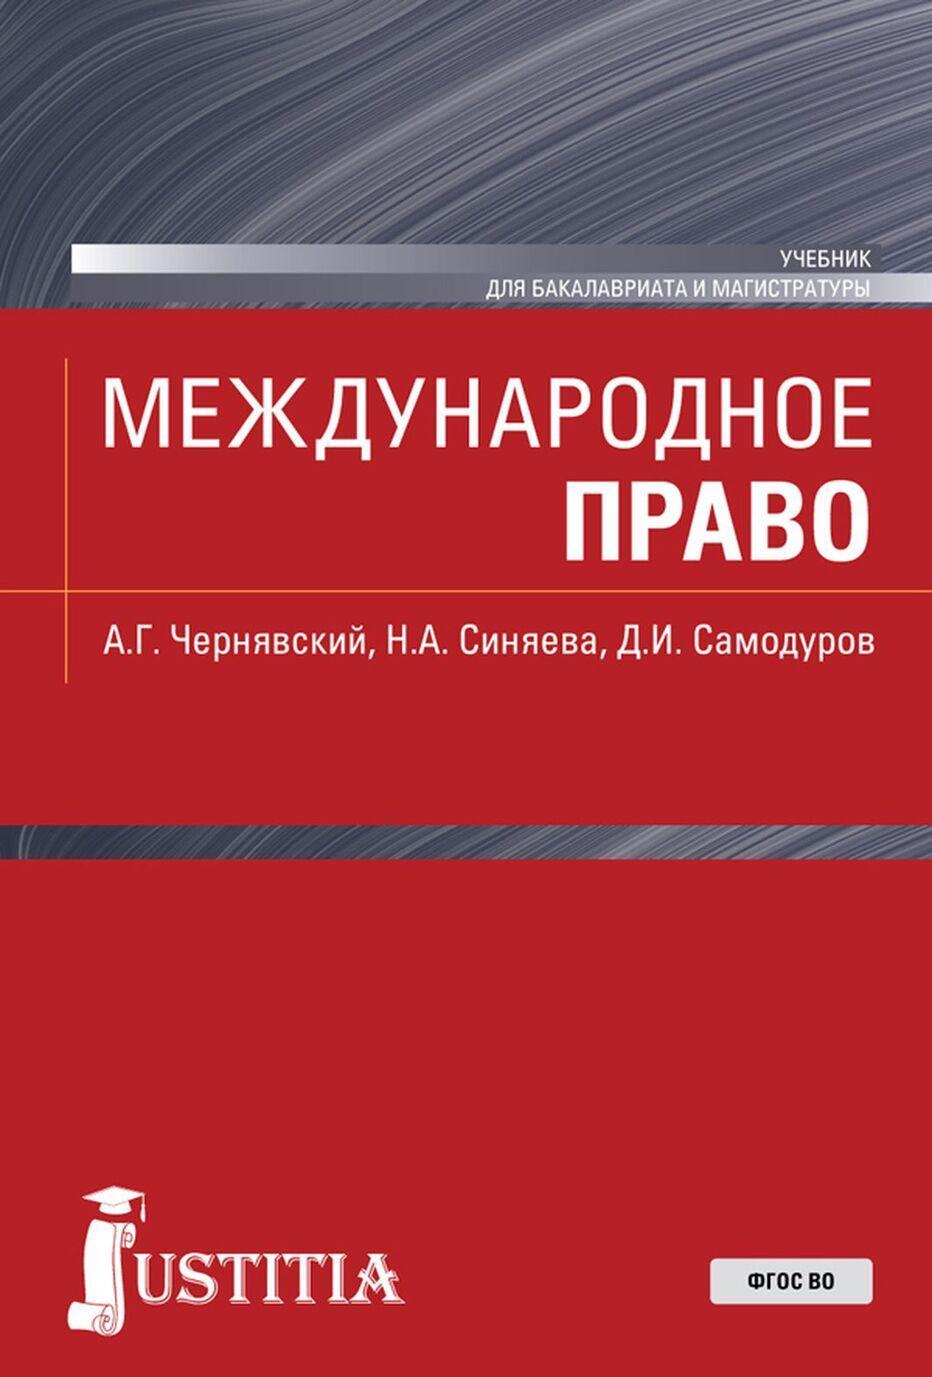 Mezhdunarodnoe pravo. Uchebnik | Chernjavskij Aleksandr Gennadevich, Sinjaeva N. A.